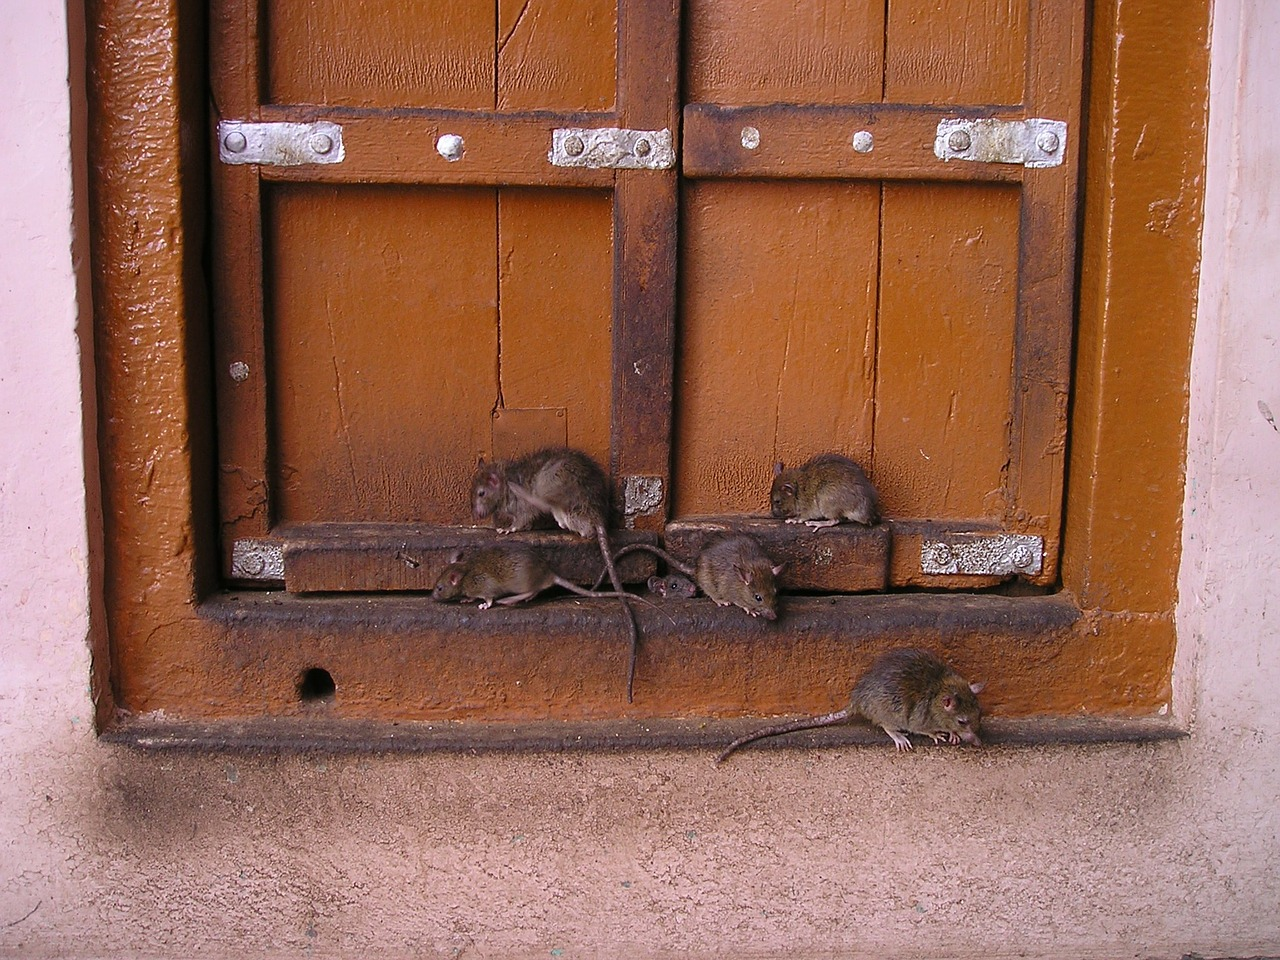 homburg einsatz gegen die ratten geht in die n chste runde saarnews. Black Bedroom Furniture Sets. Home Design Ideas